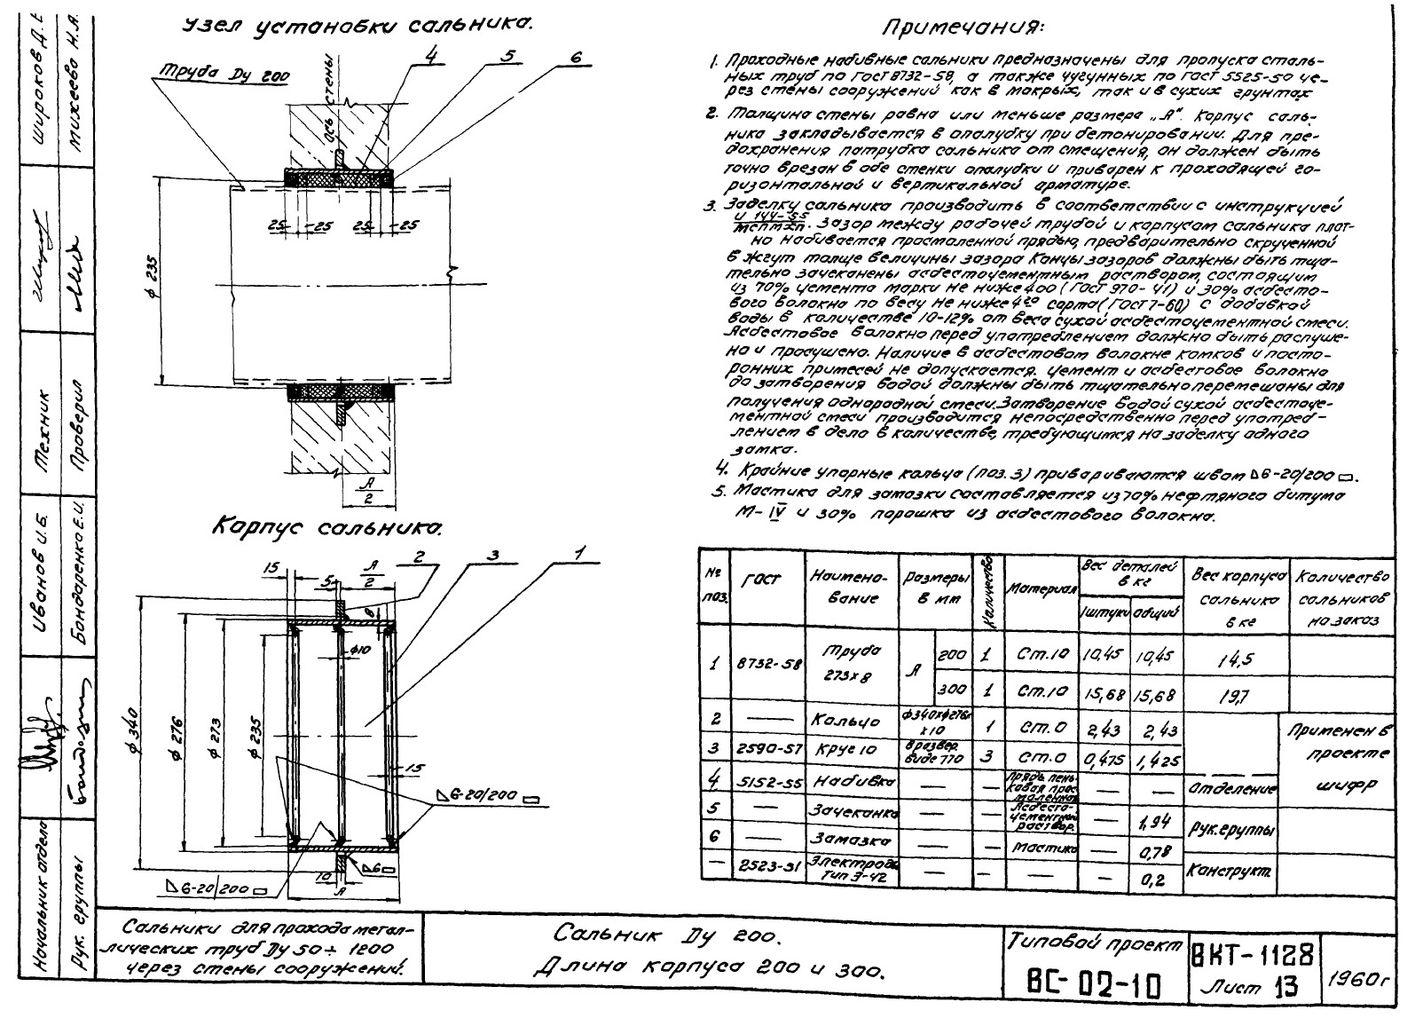 Сальники набивные L = 300 мм типовой проект ВС-02-10 стр.6